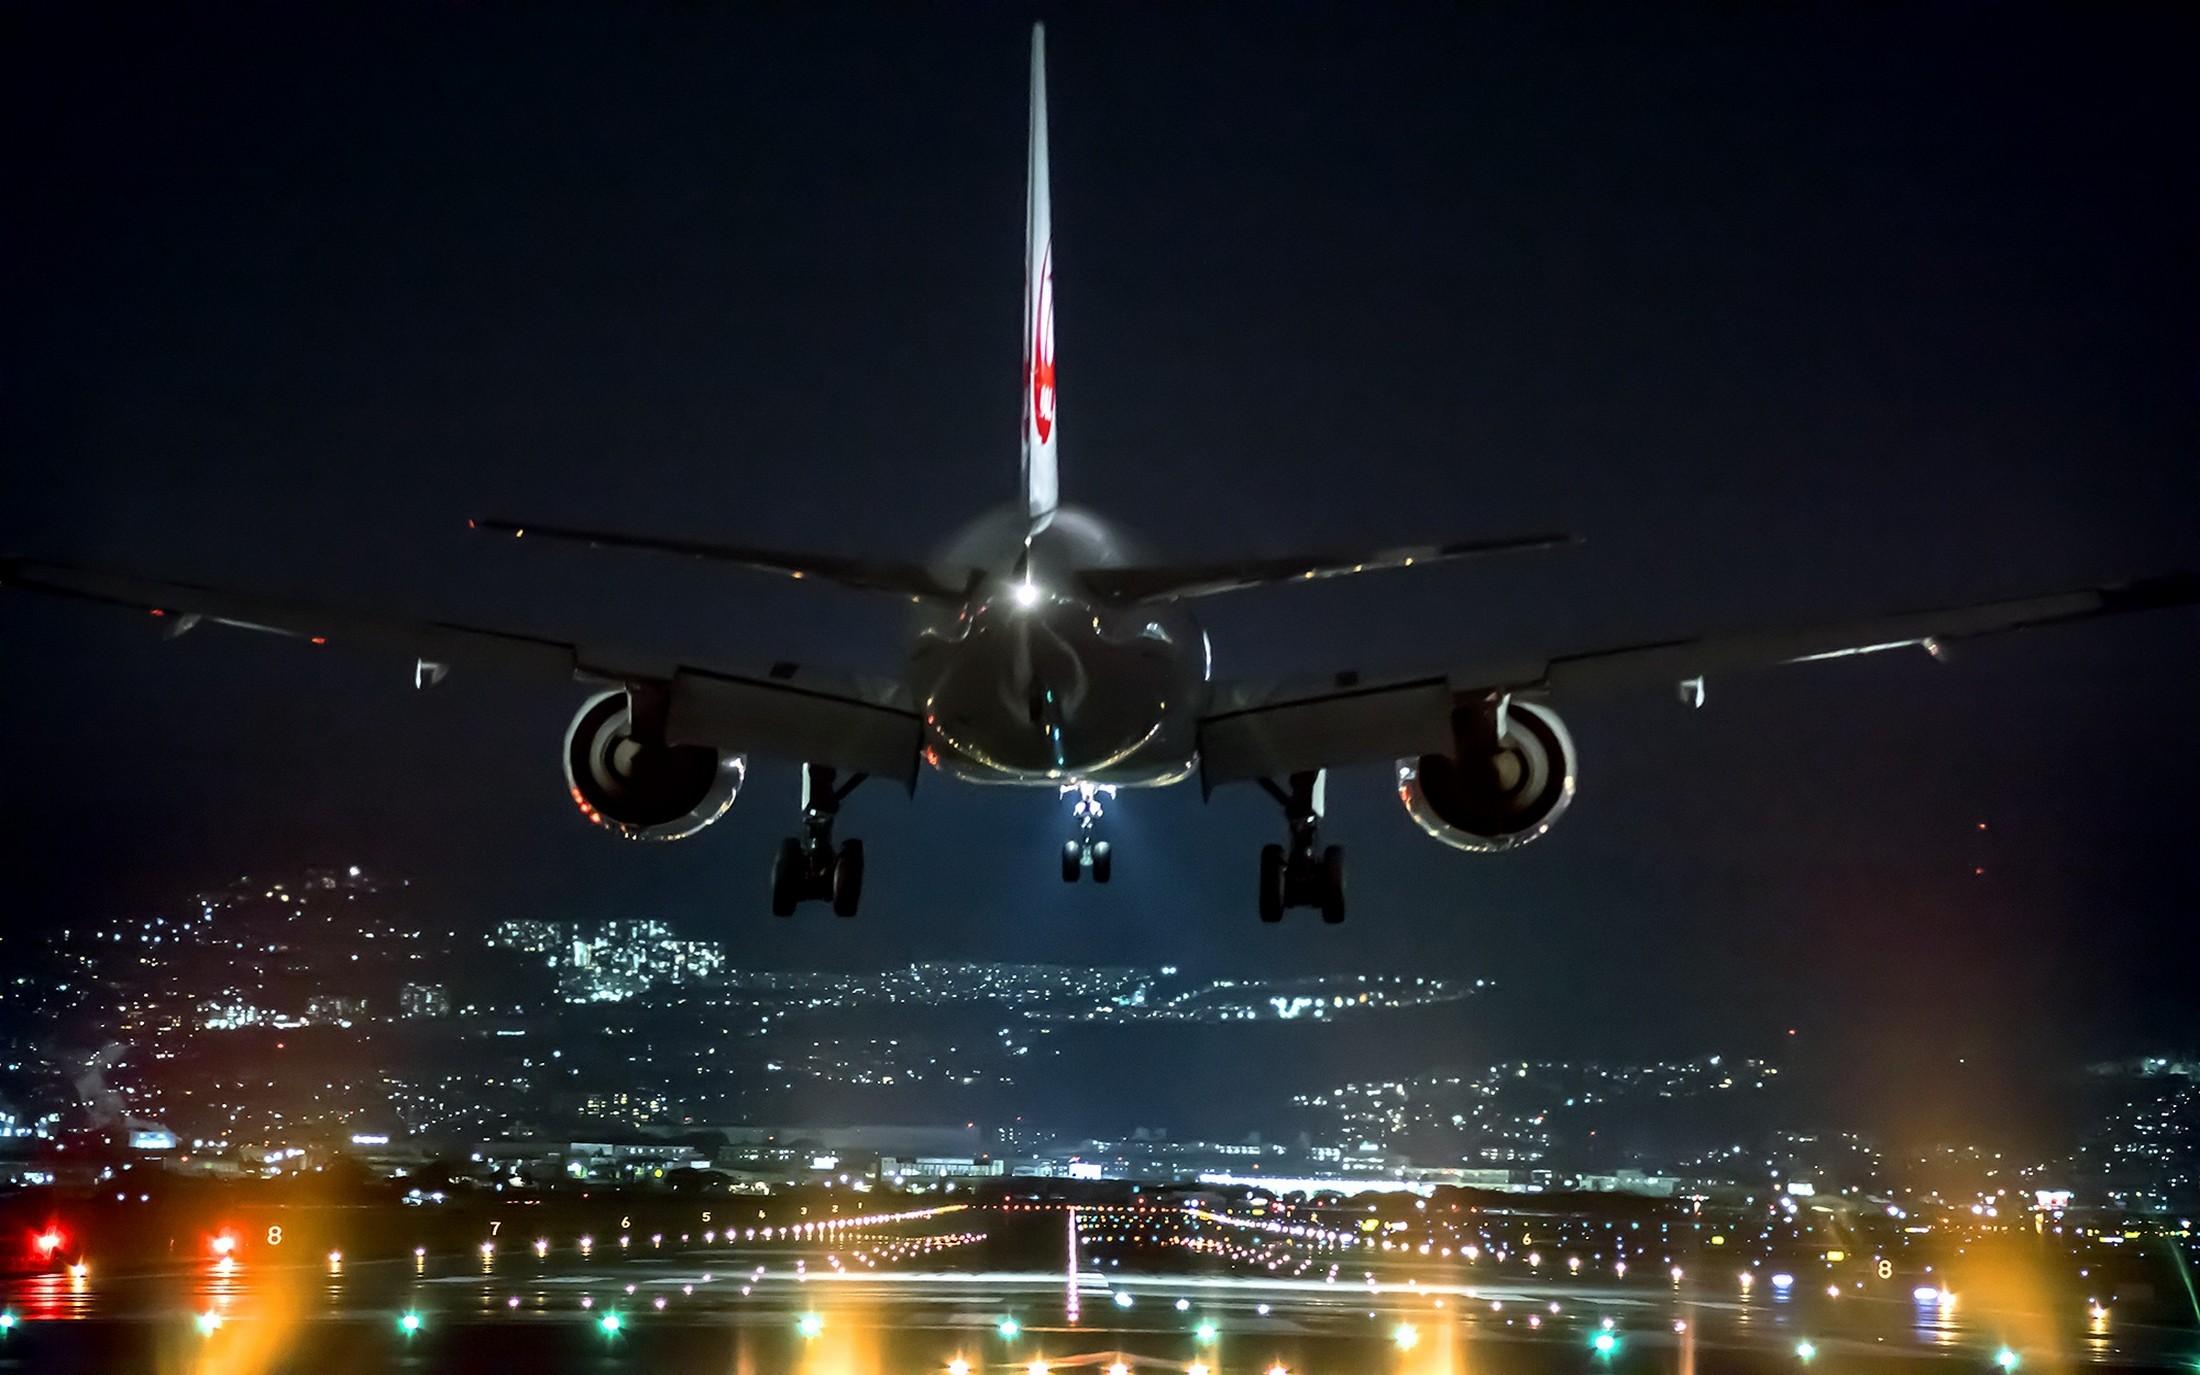 landing, lights, Osaka, night, Japan, airplane - wallpaper #158455